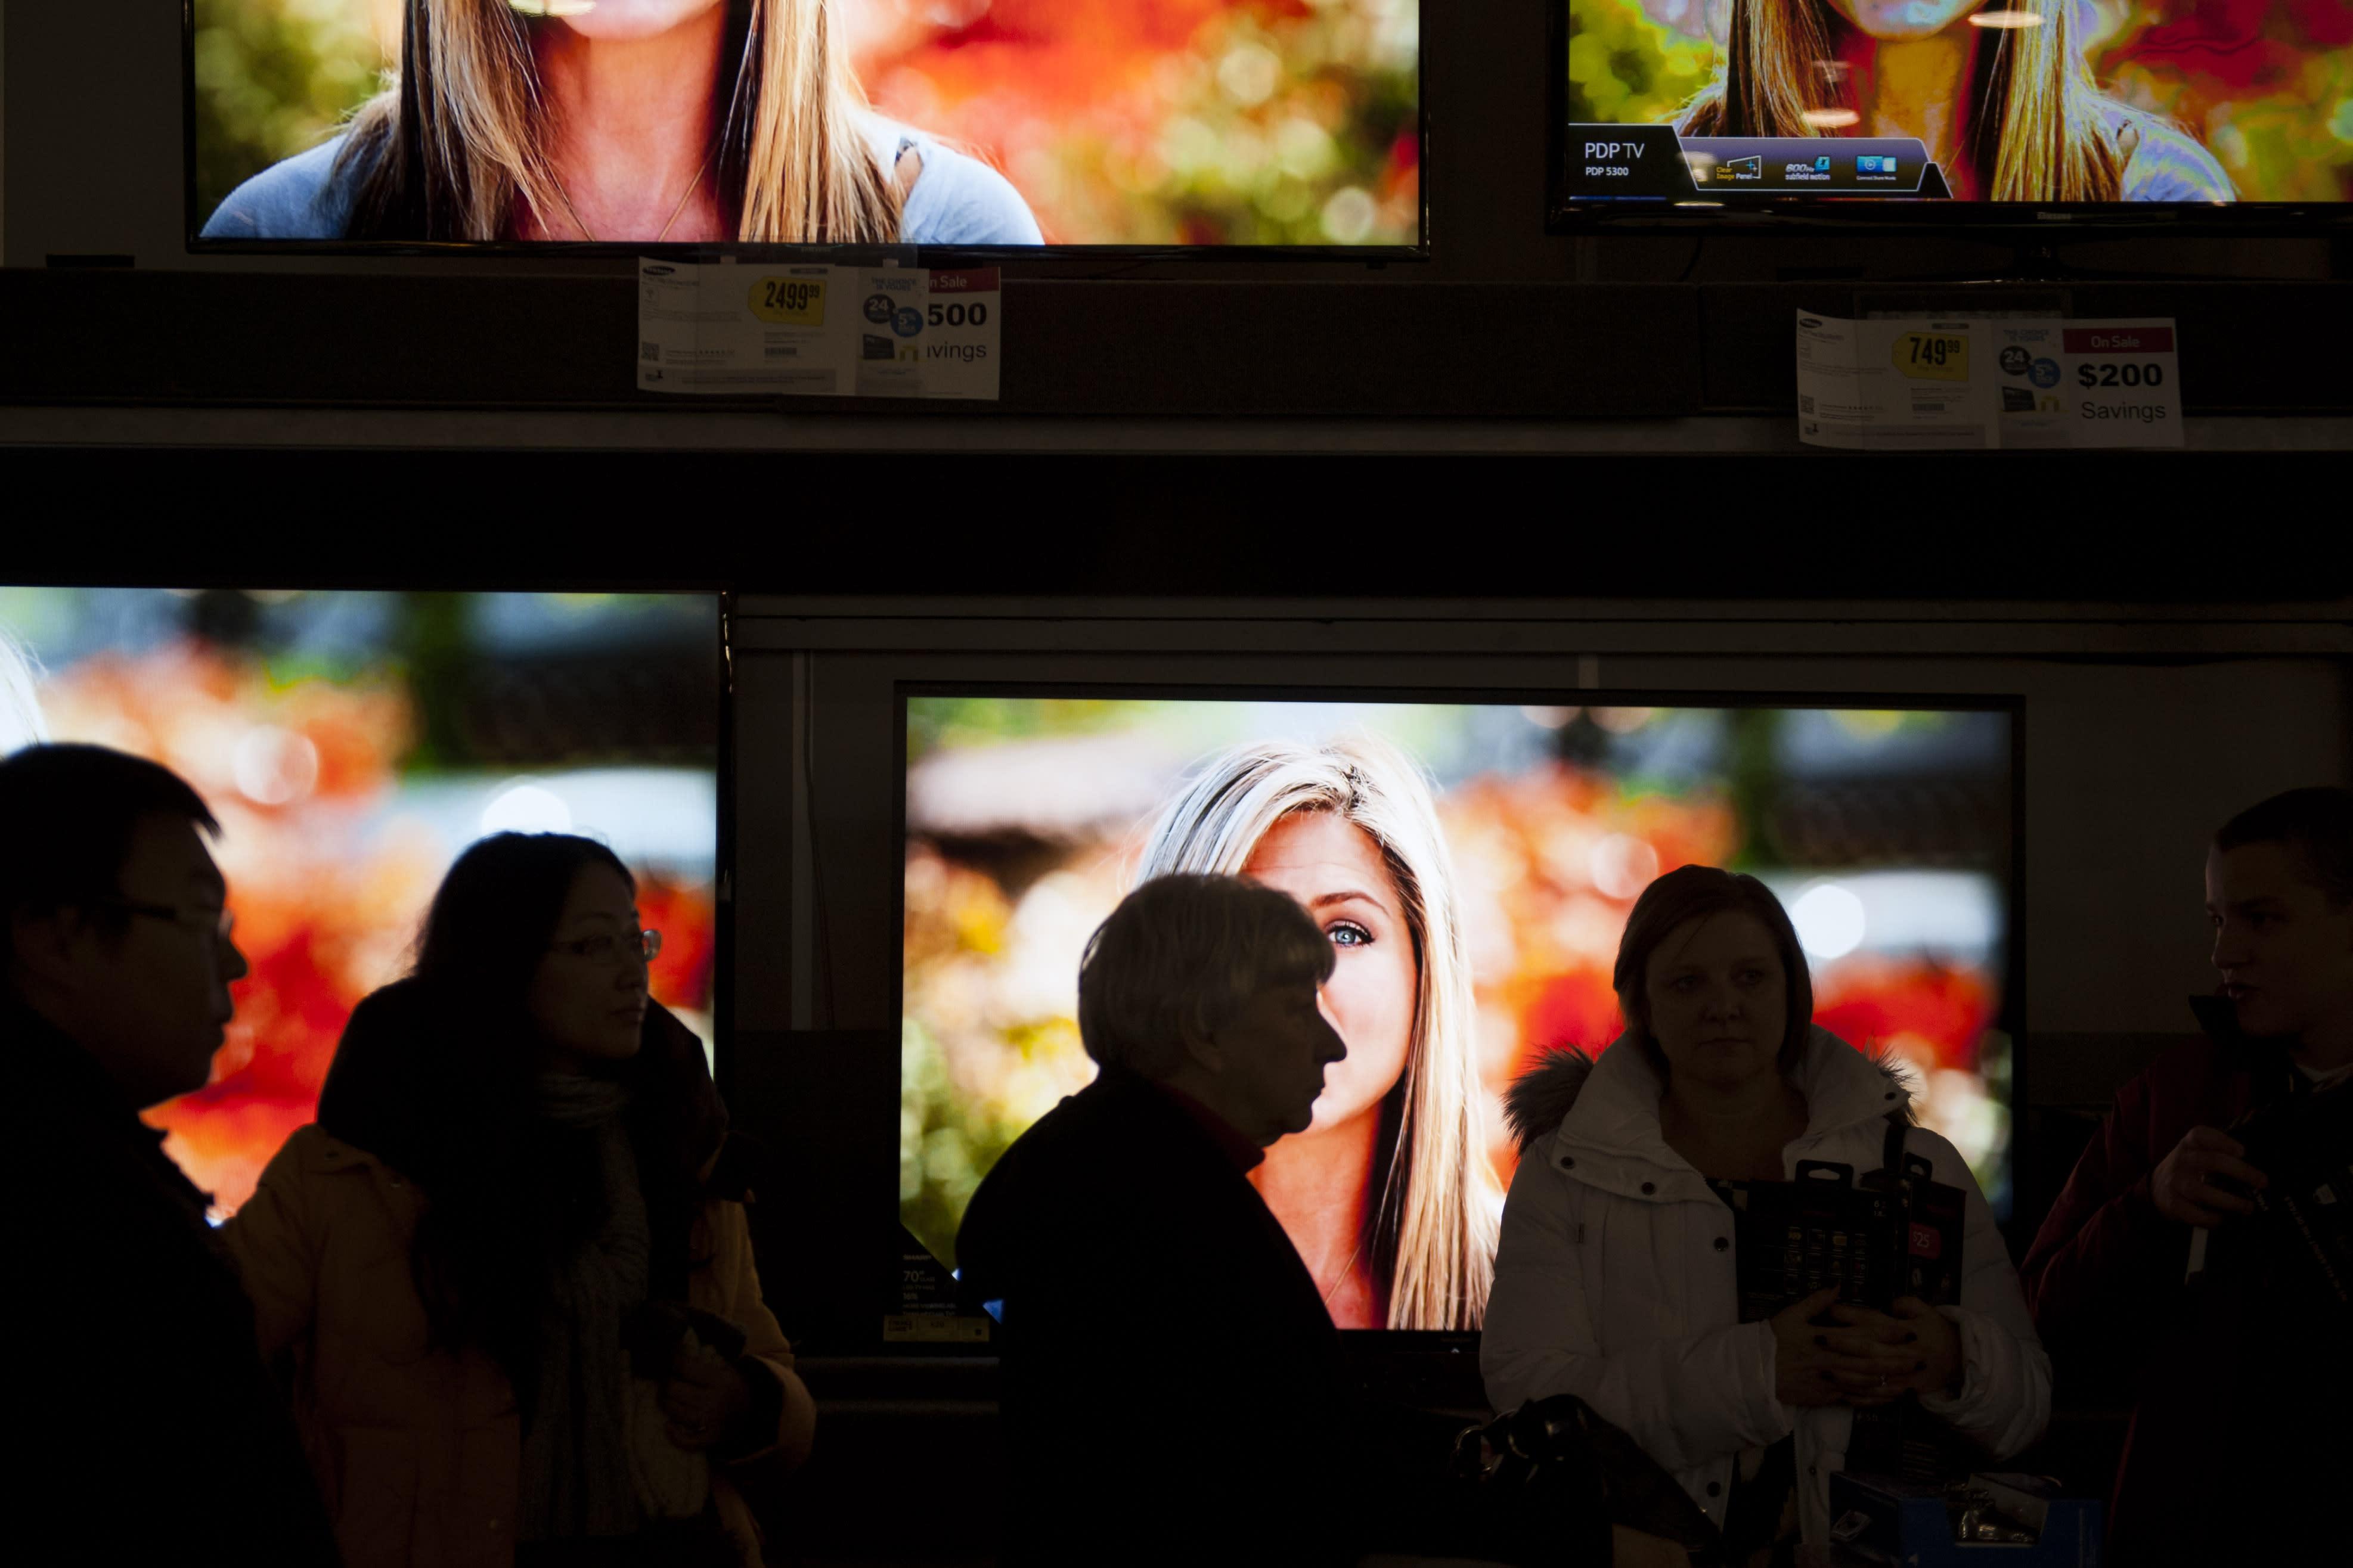 BLACK FRIDAY LIVE: Shoppers find better online